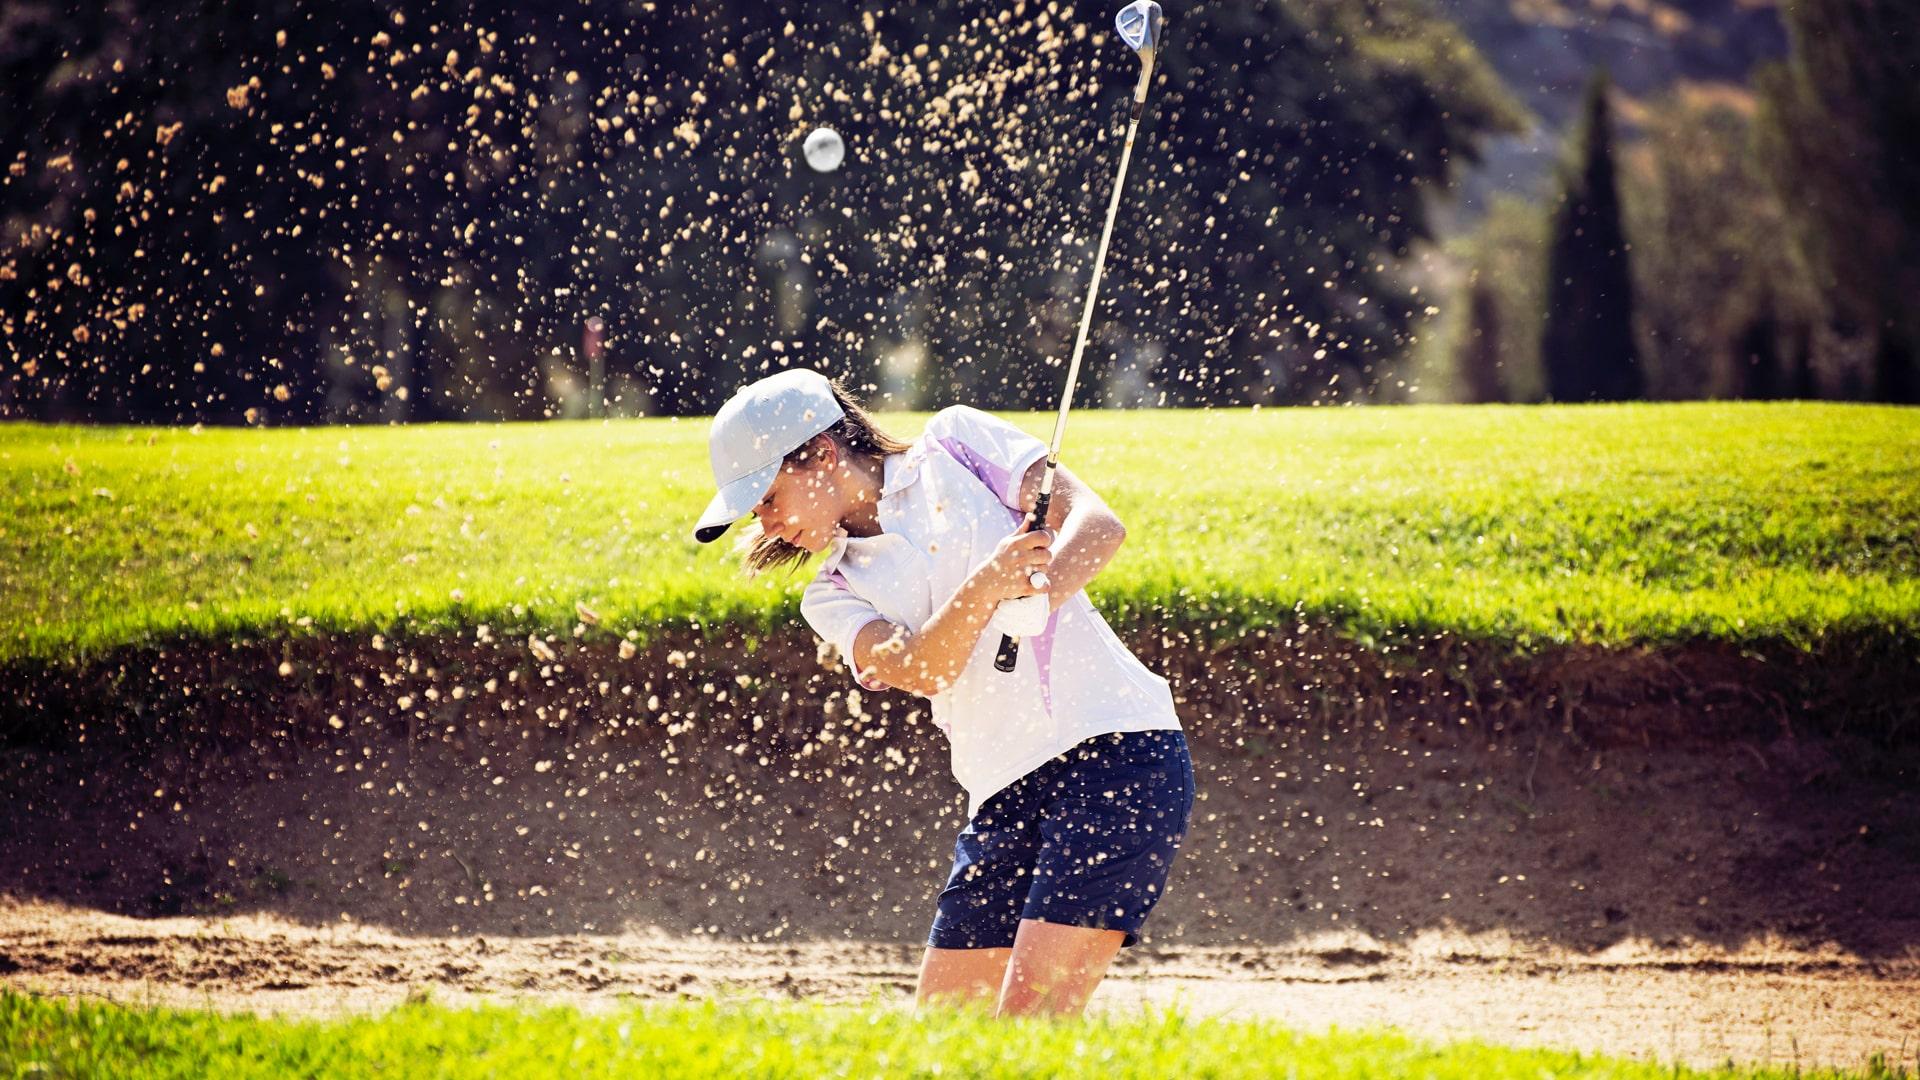 Campamento de verano de inglés y golf en Inglaterra de Nike